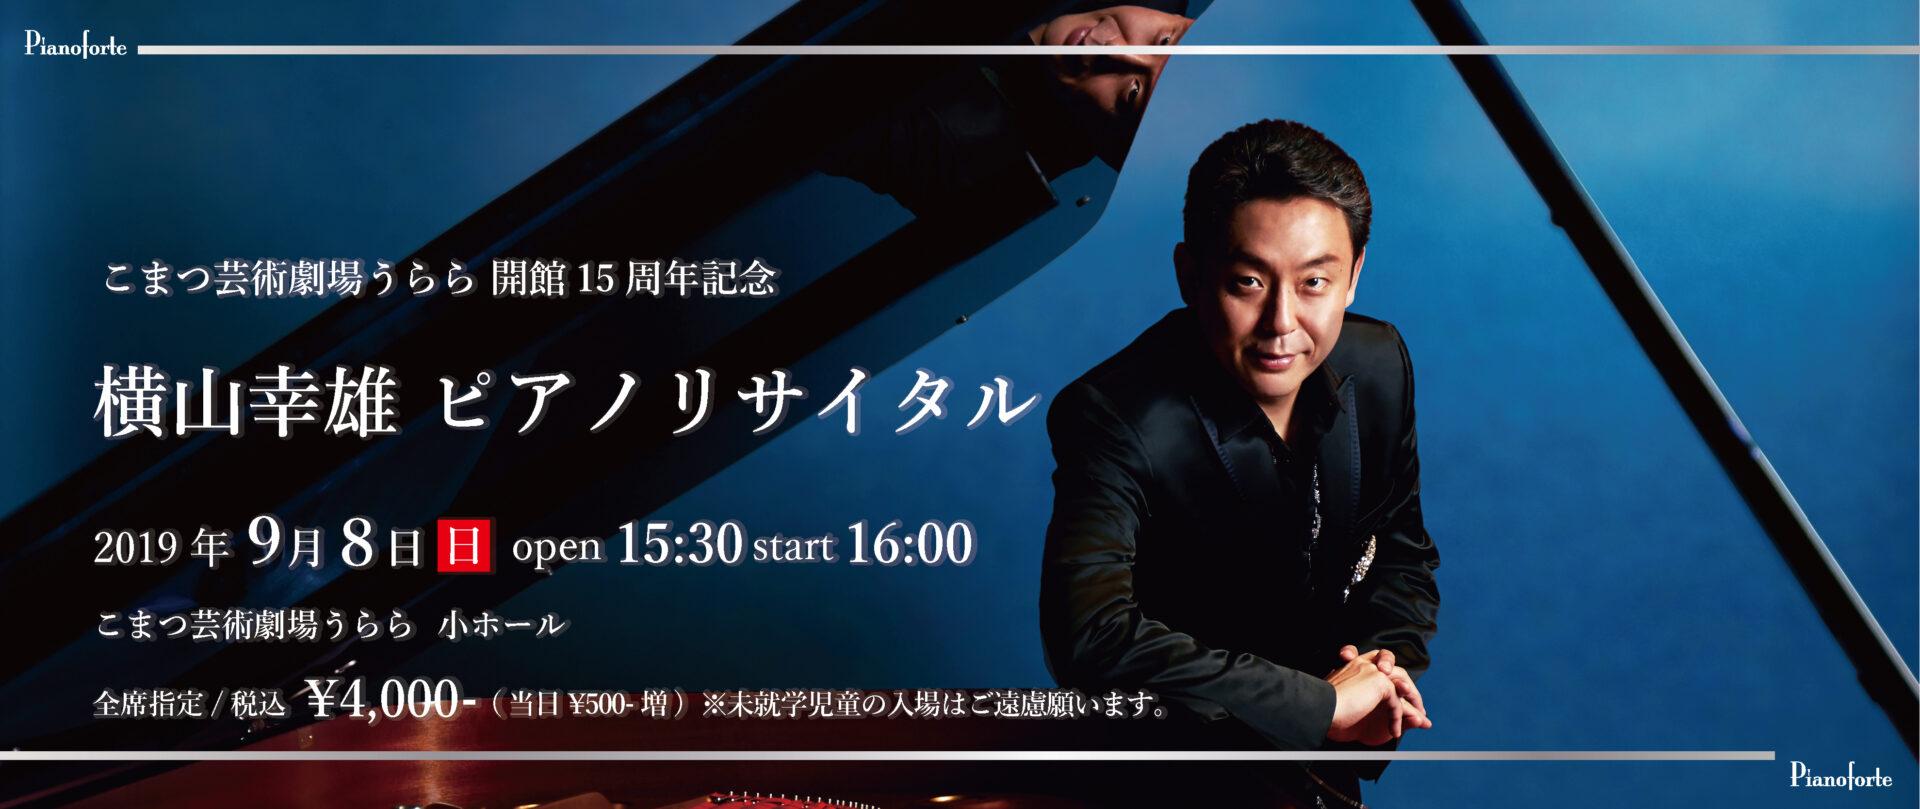 横山幸雄ピアノリサイタル2019